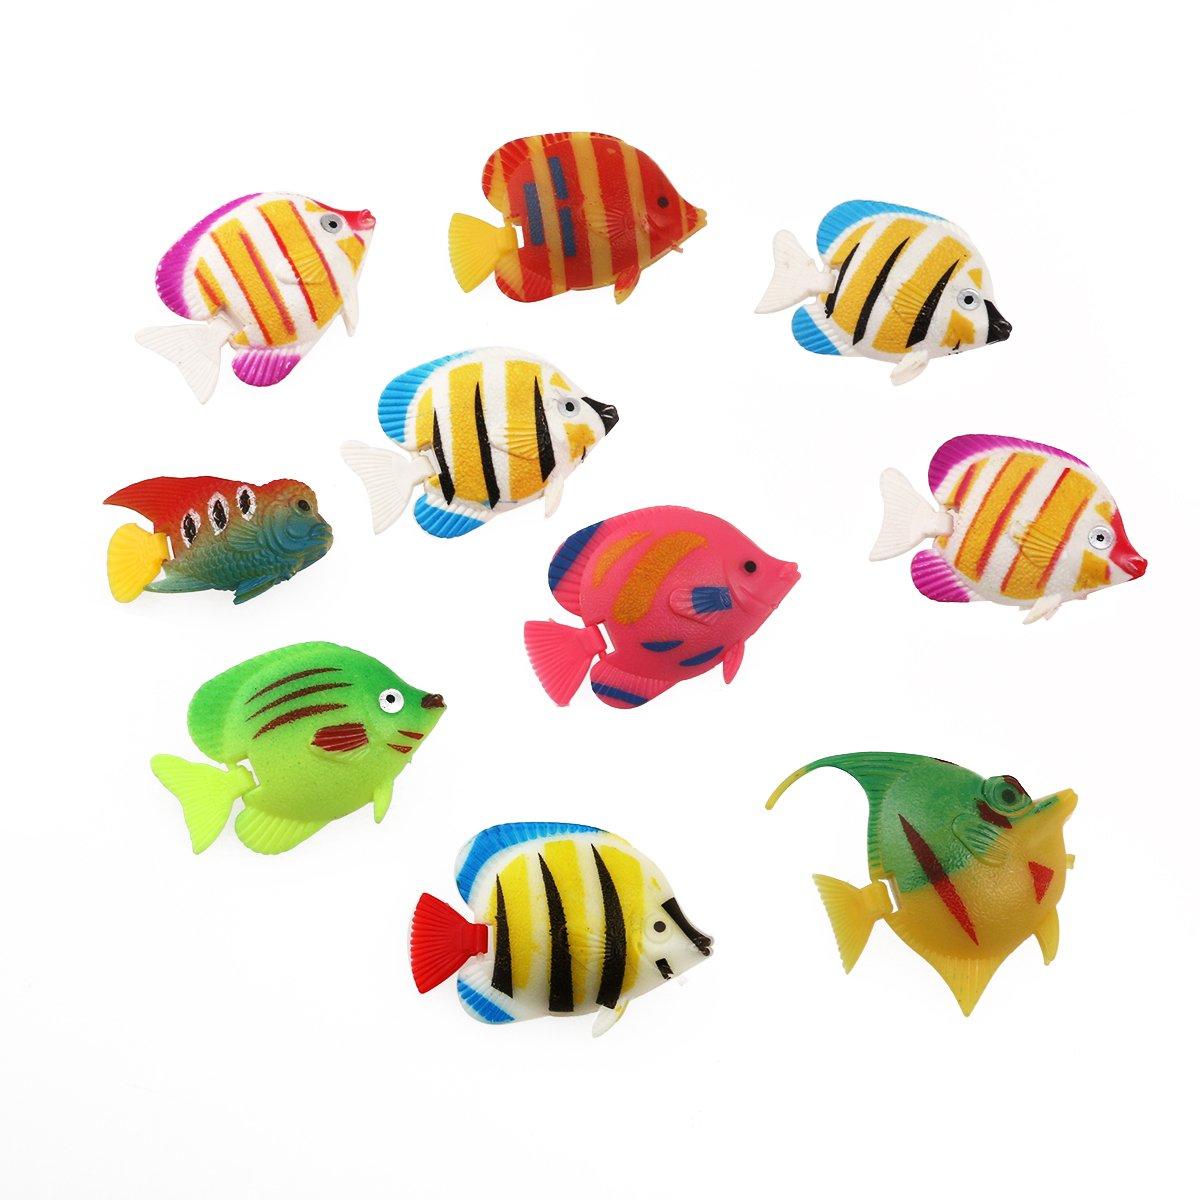 rosenice flotante de plástico pescado pescado 10pcs Artificial ...